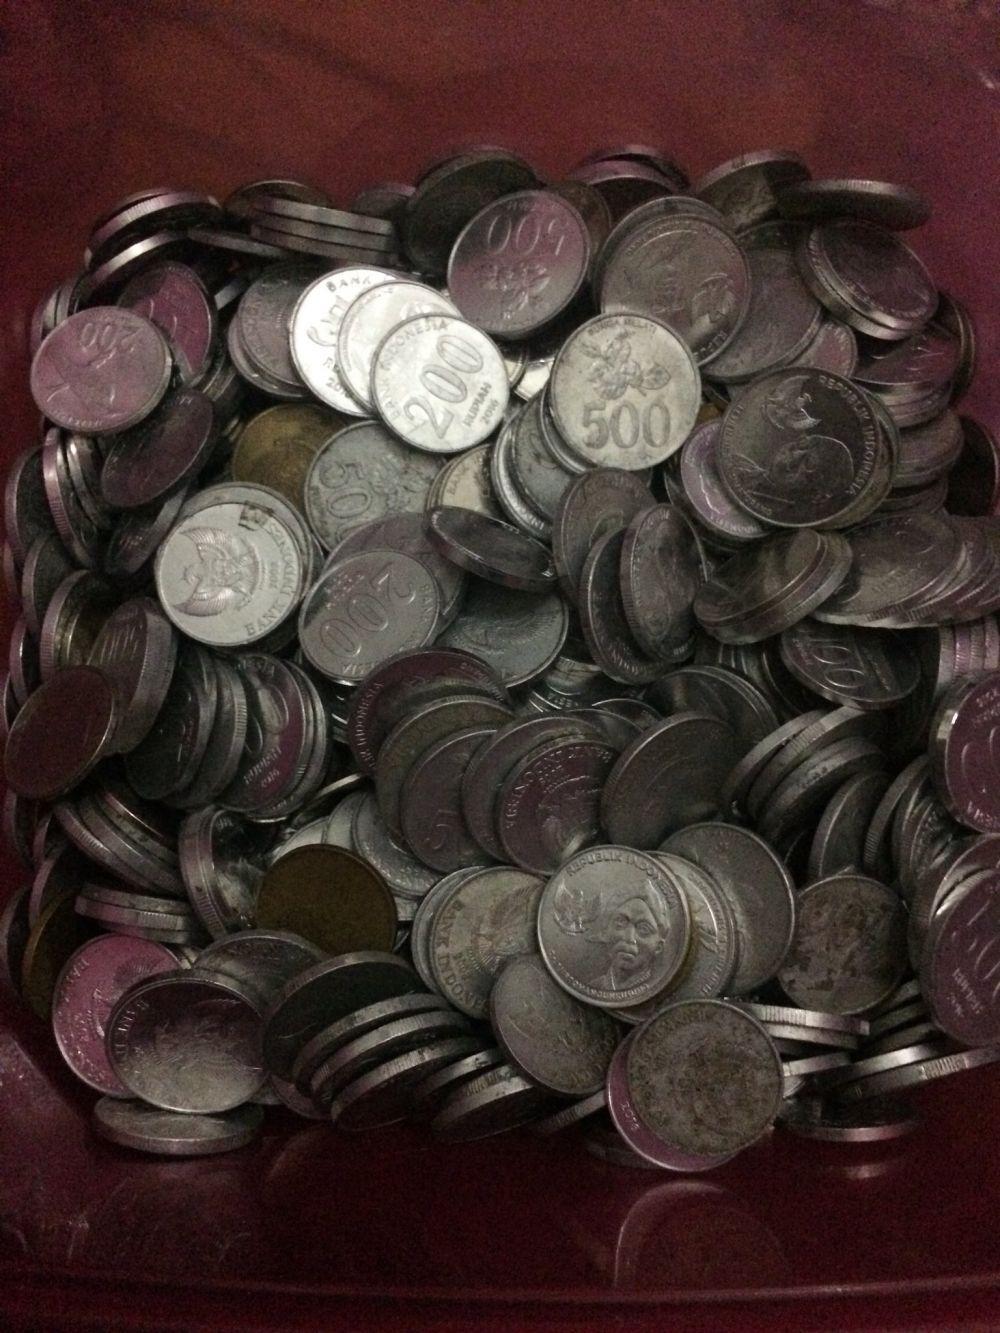 mantan minta kembalikan uang  © 2020 brilio.net